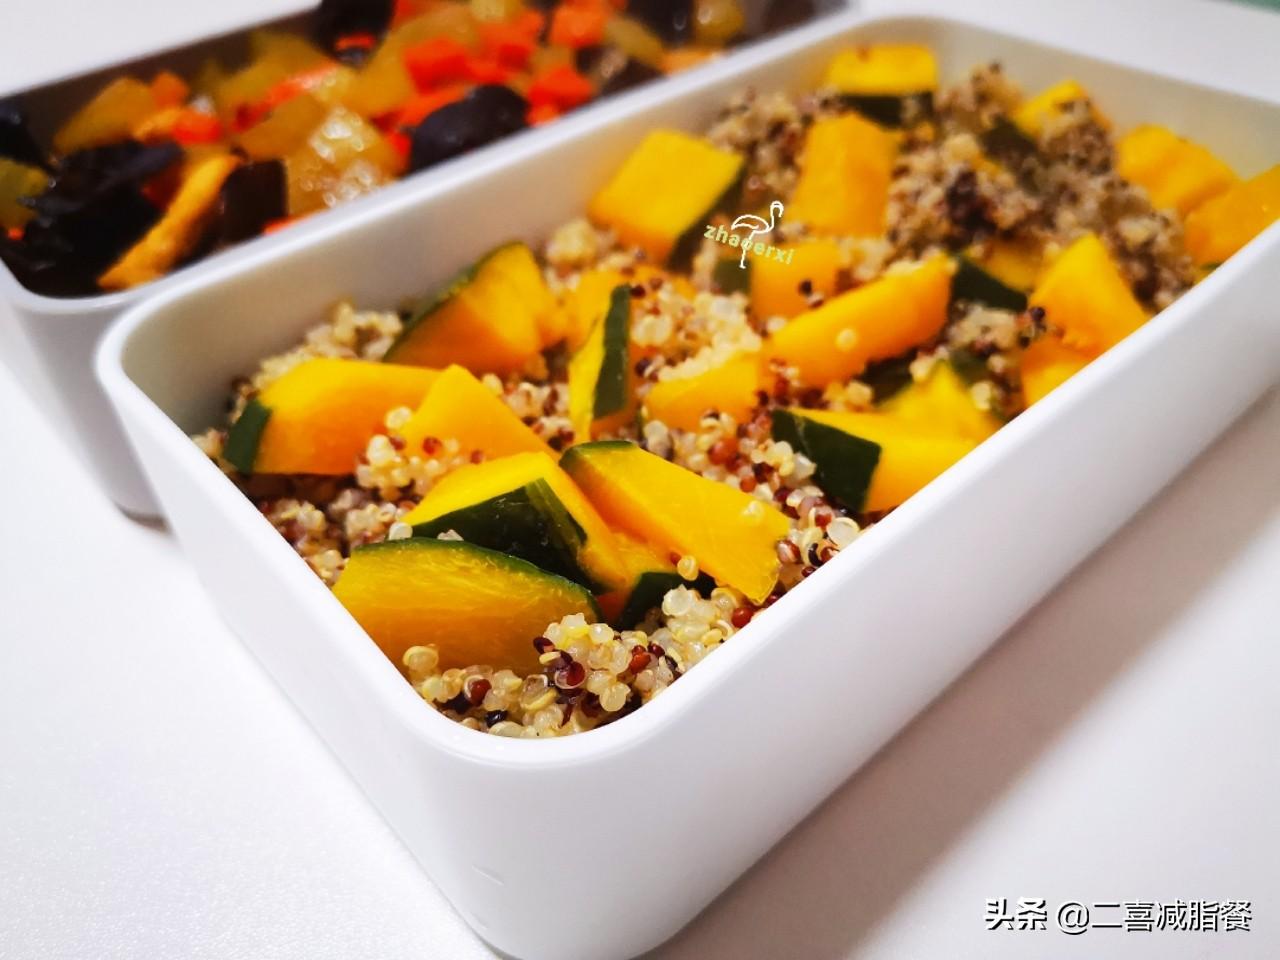 """减脂午餐68:藜麦南瓜饭,被称为""""黄金食物""""的藜麦好在哪里? 减肥菜谱做法 第6张"""